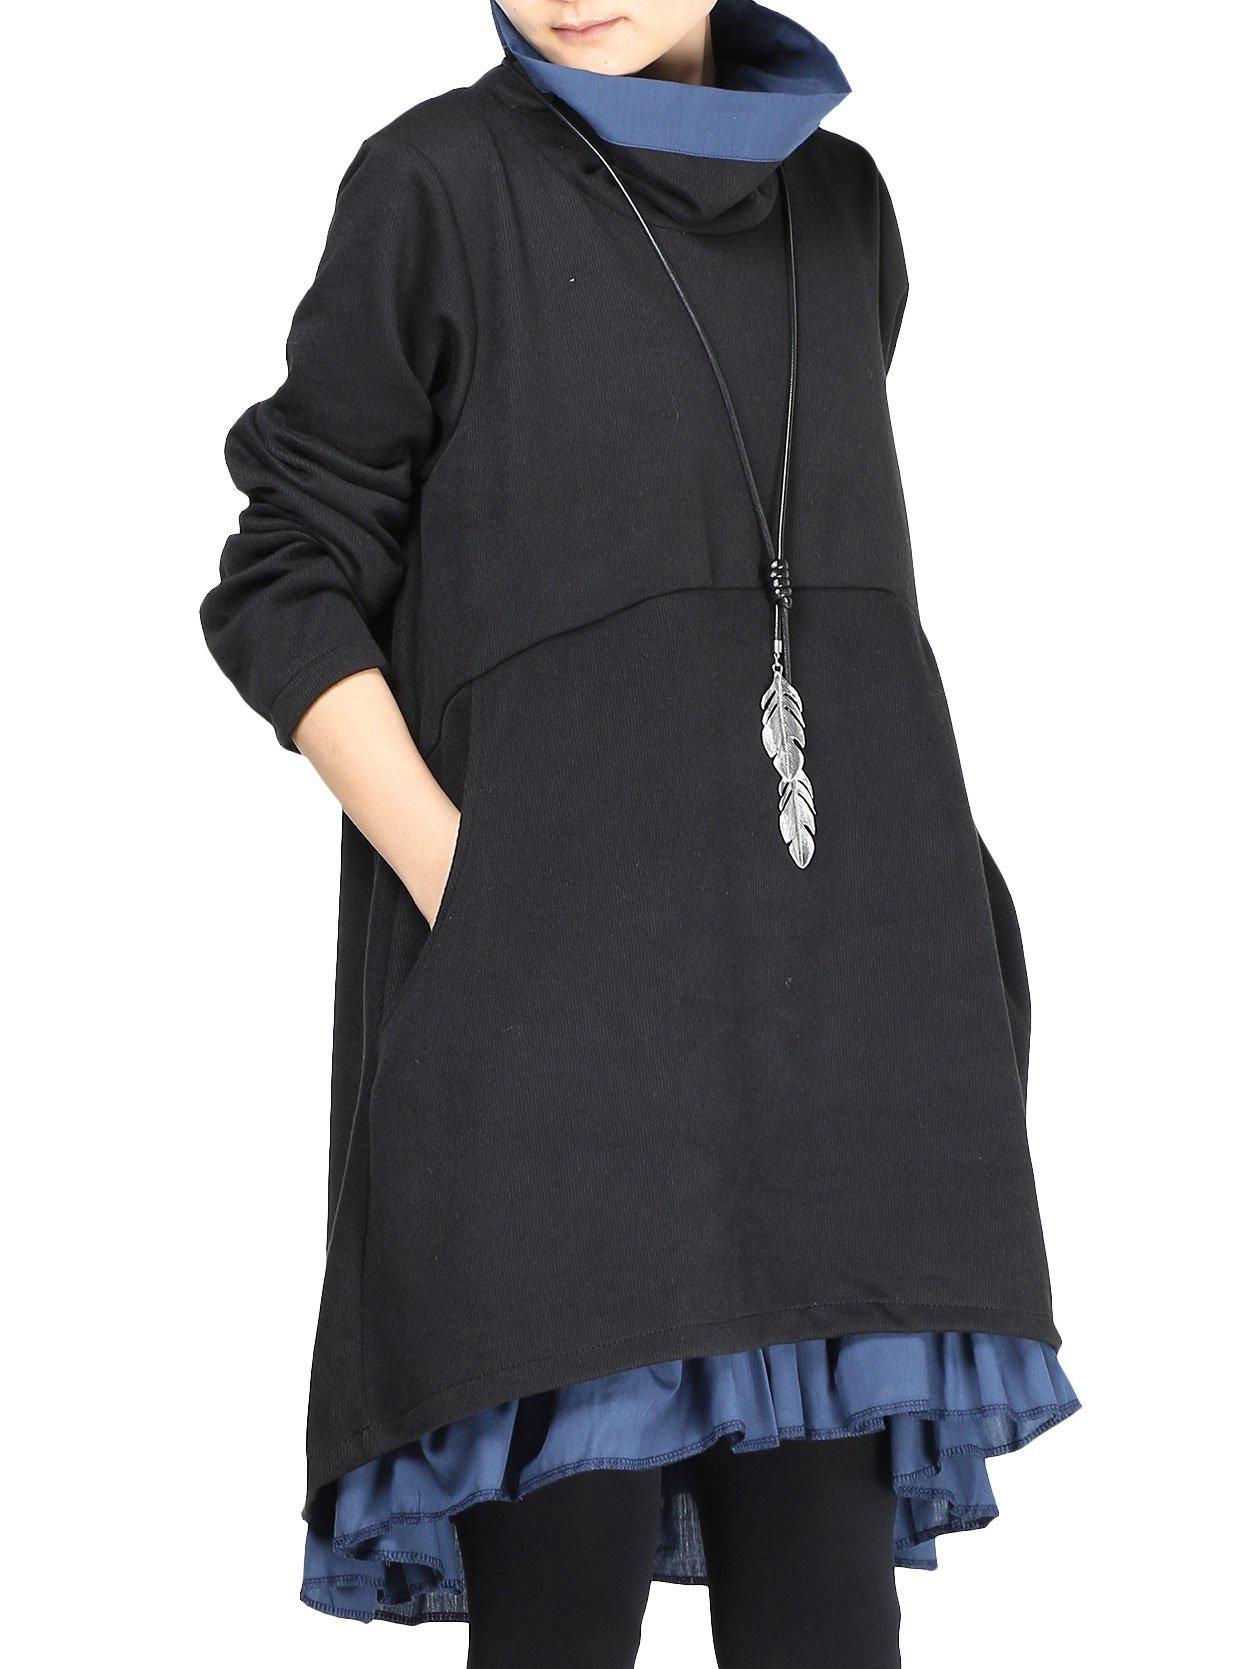 Mordenmiss Women's New Turtle Neckline Two Layers Hi-low Hem Dress XXL Black